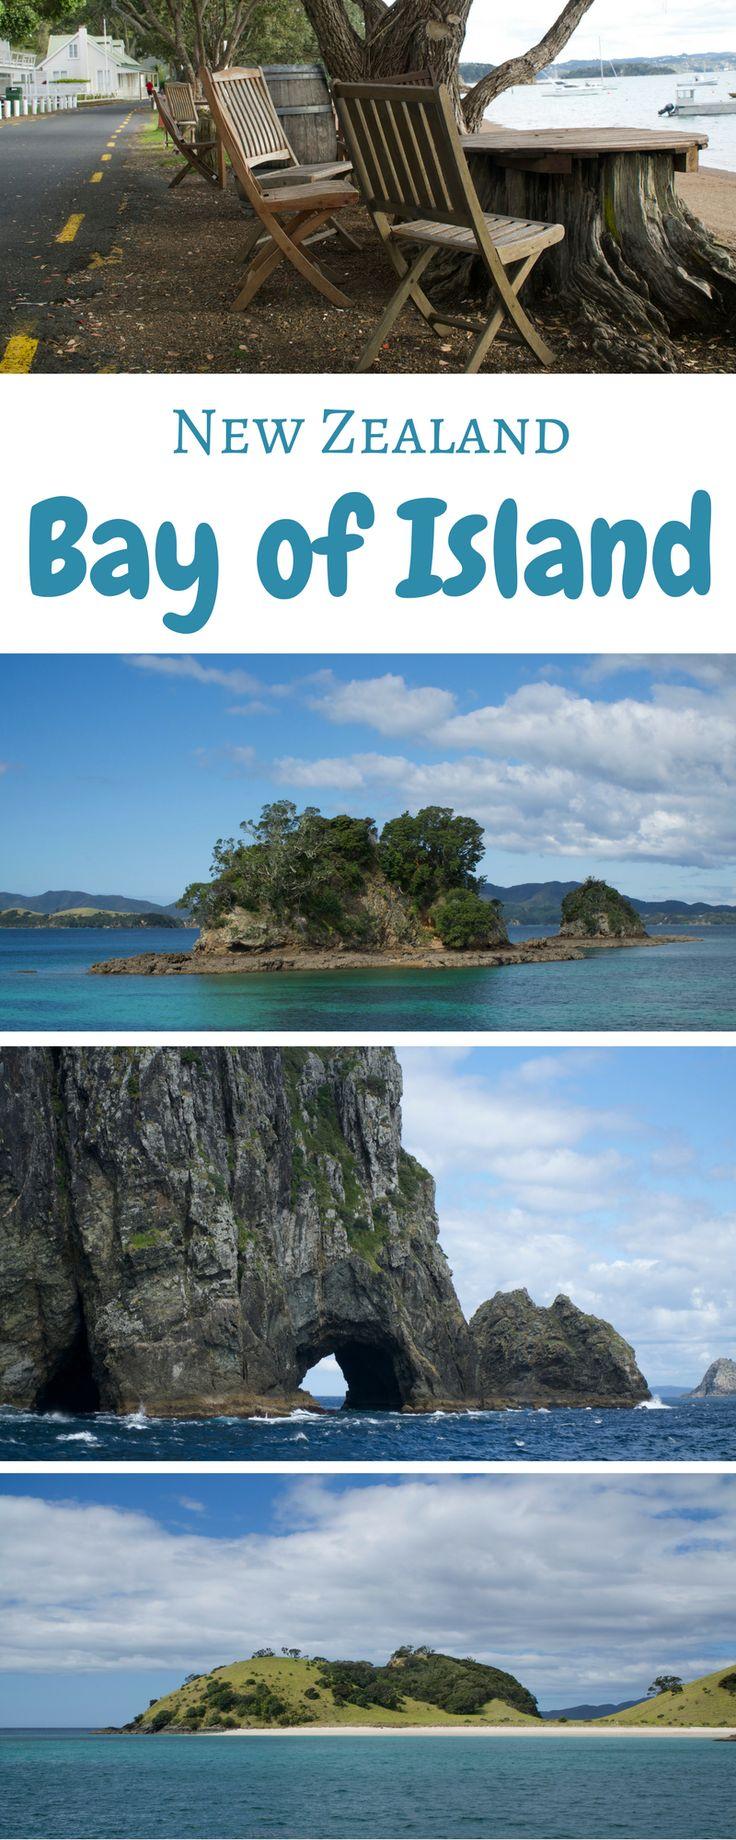 Die Bay of Islands im Norden von Neuseeland ist mit ihren vielen kleinen Inseln der perfekte Ort für eine Bootstour. Mit etwas Glück sieht man hier sogar Delphine